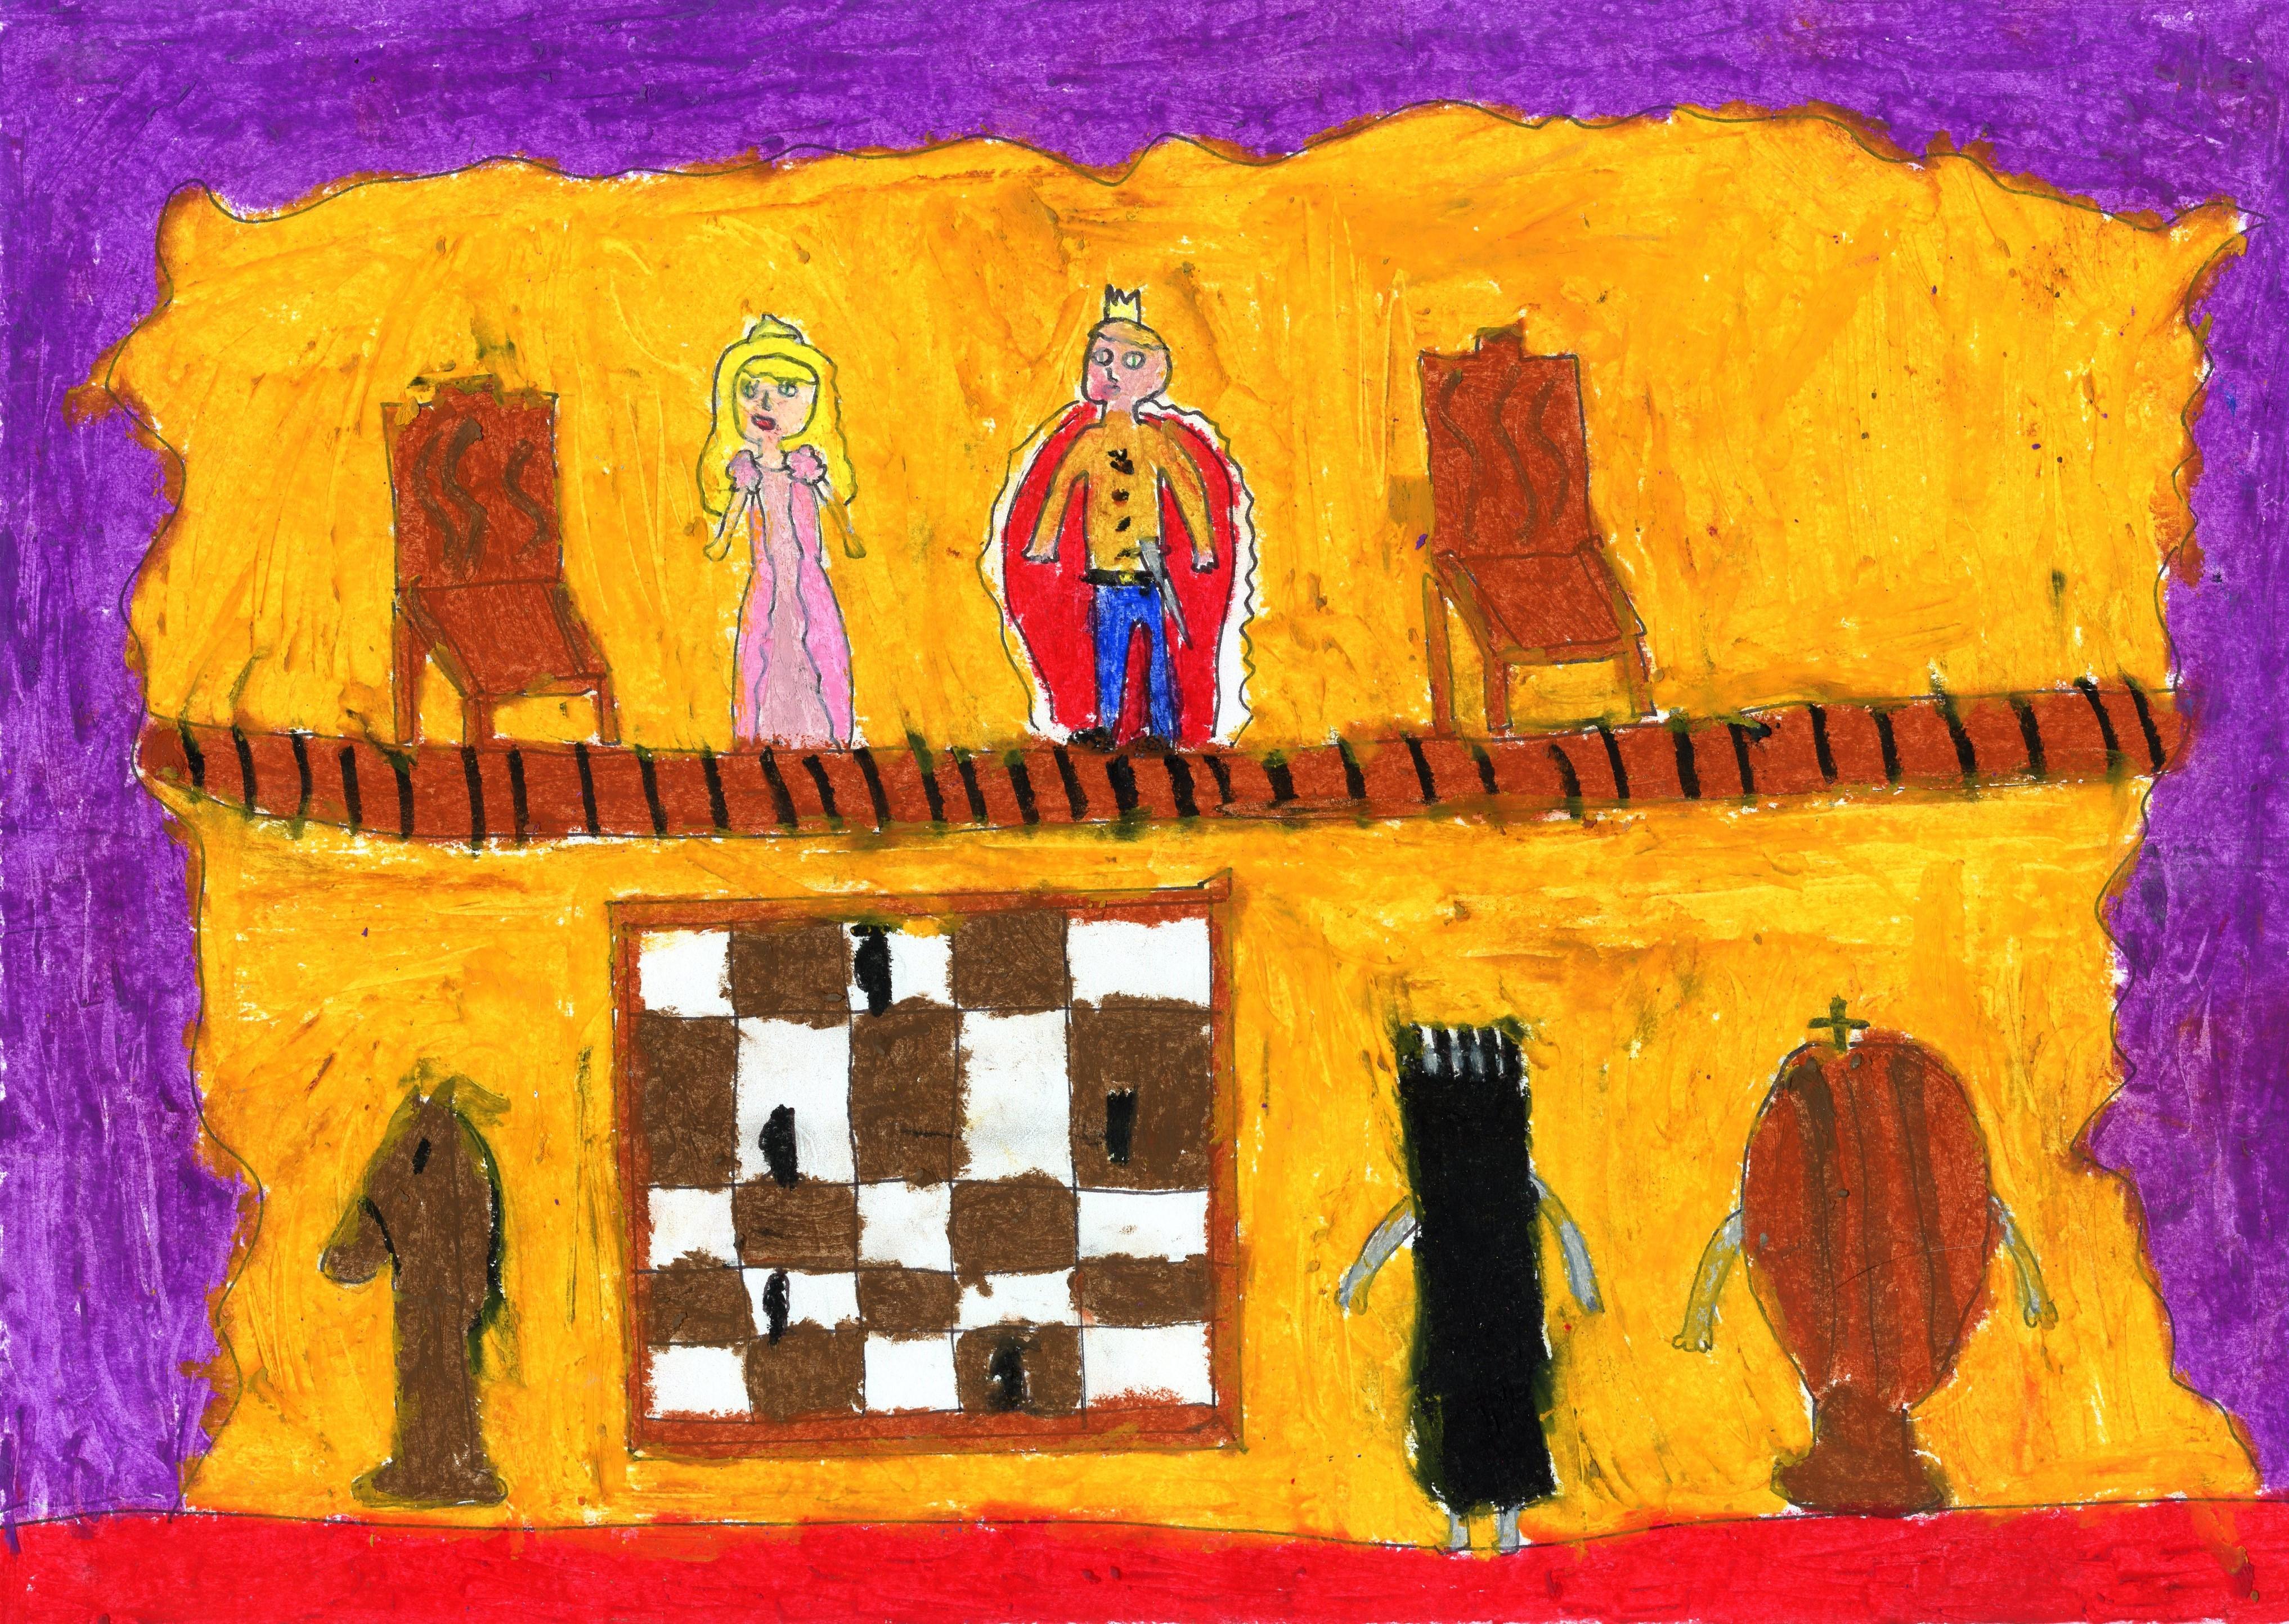 Rysunek – Joanna Nowakowska (11 lat, Zespół Szkół Publicznych nr 3 w Żyrardowie). Konkurs KRÓLEWSKA GRA – SZACHY, MDK Śródmieście Wrocław, listopad 2015.